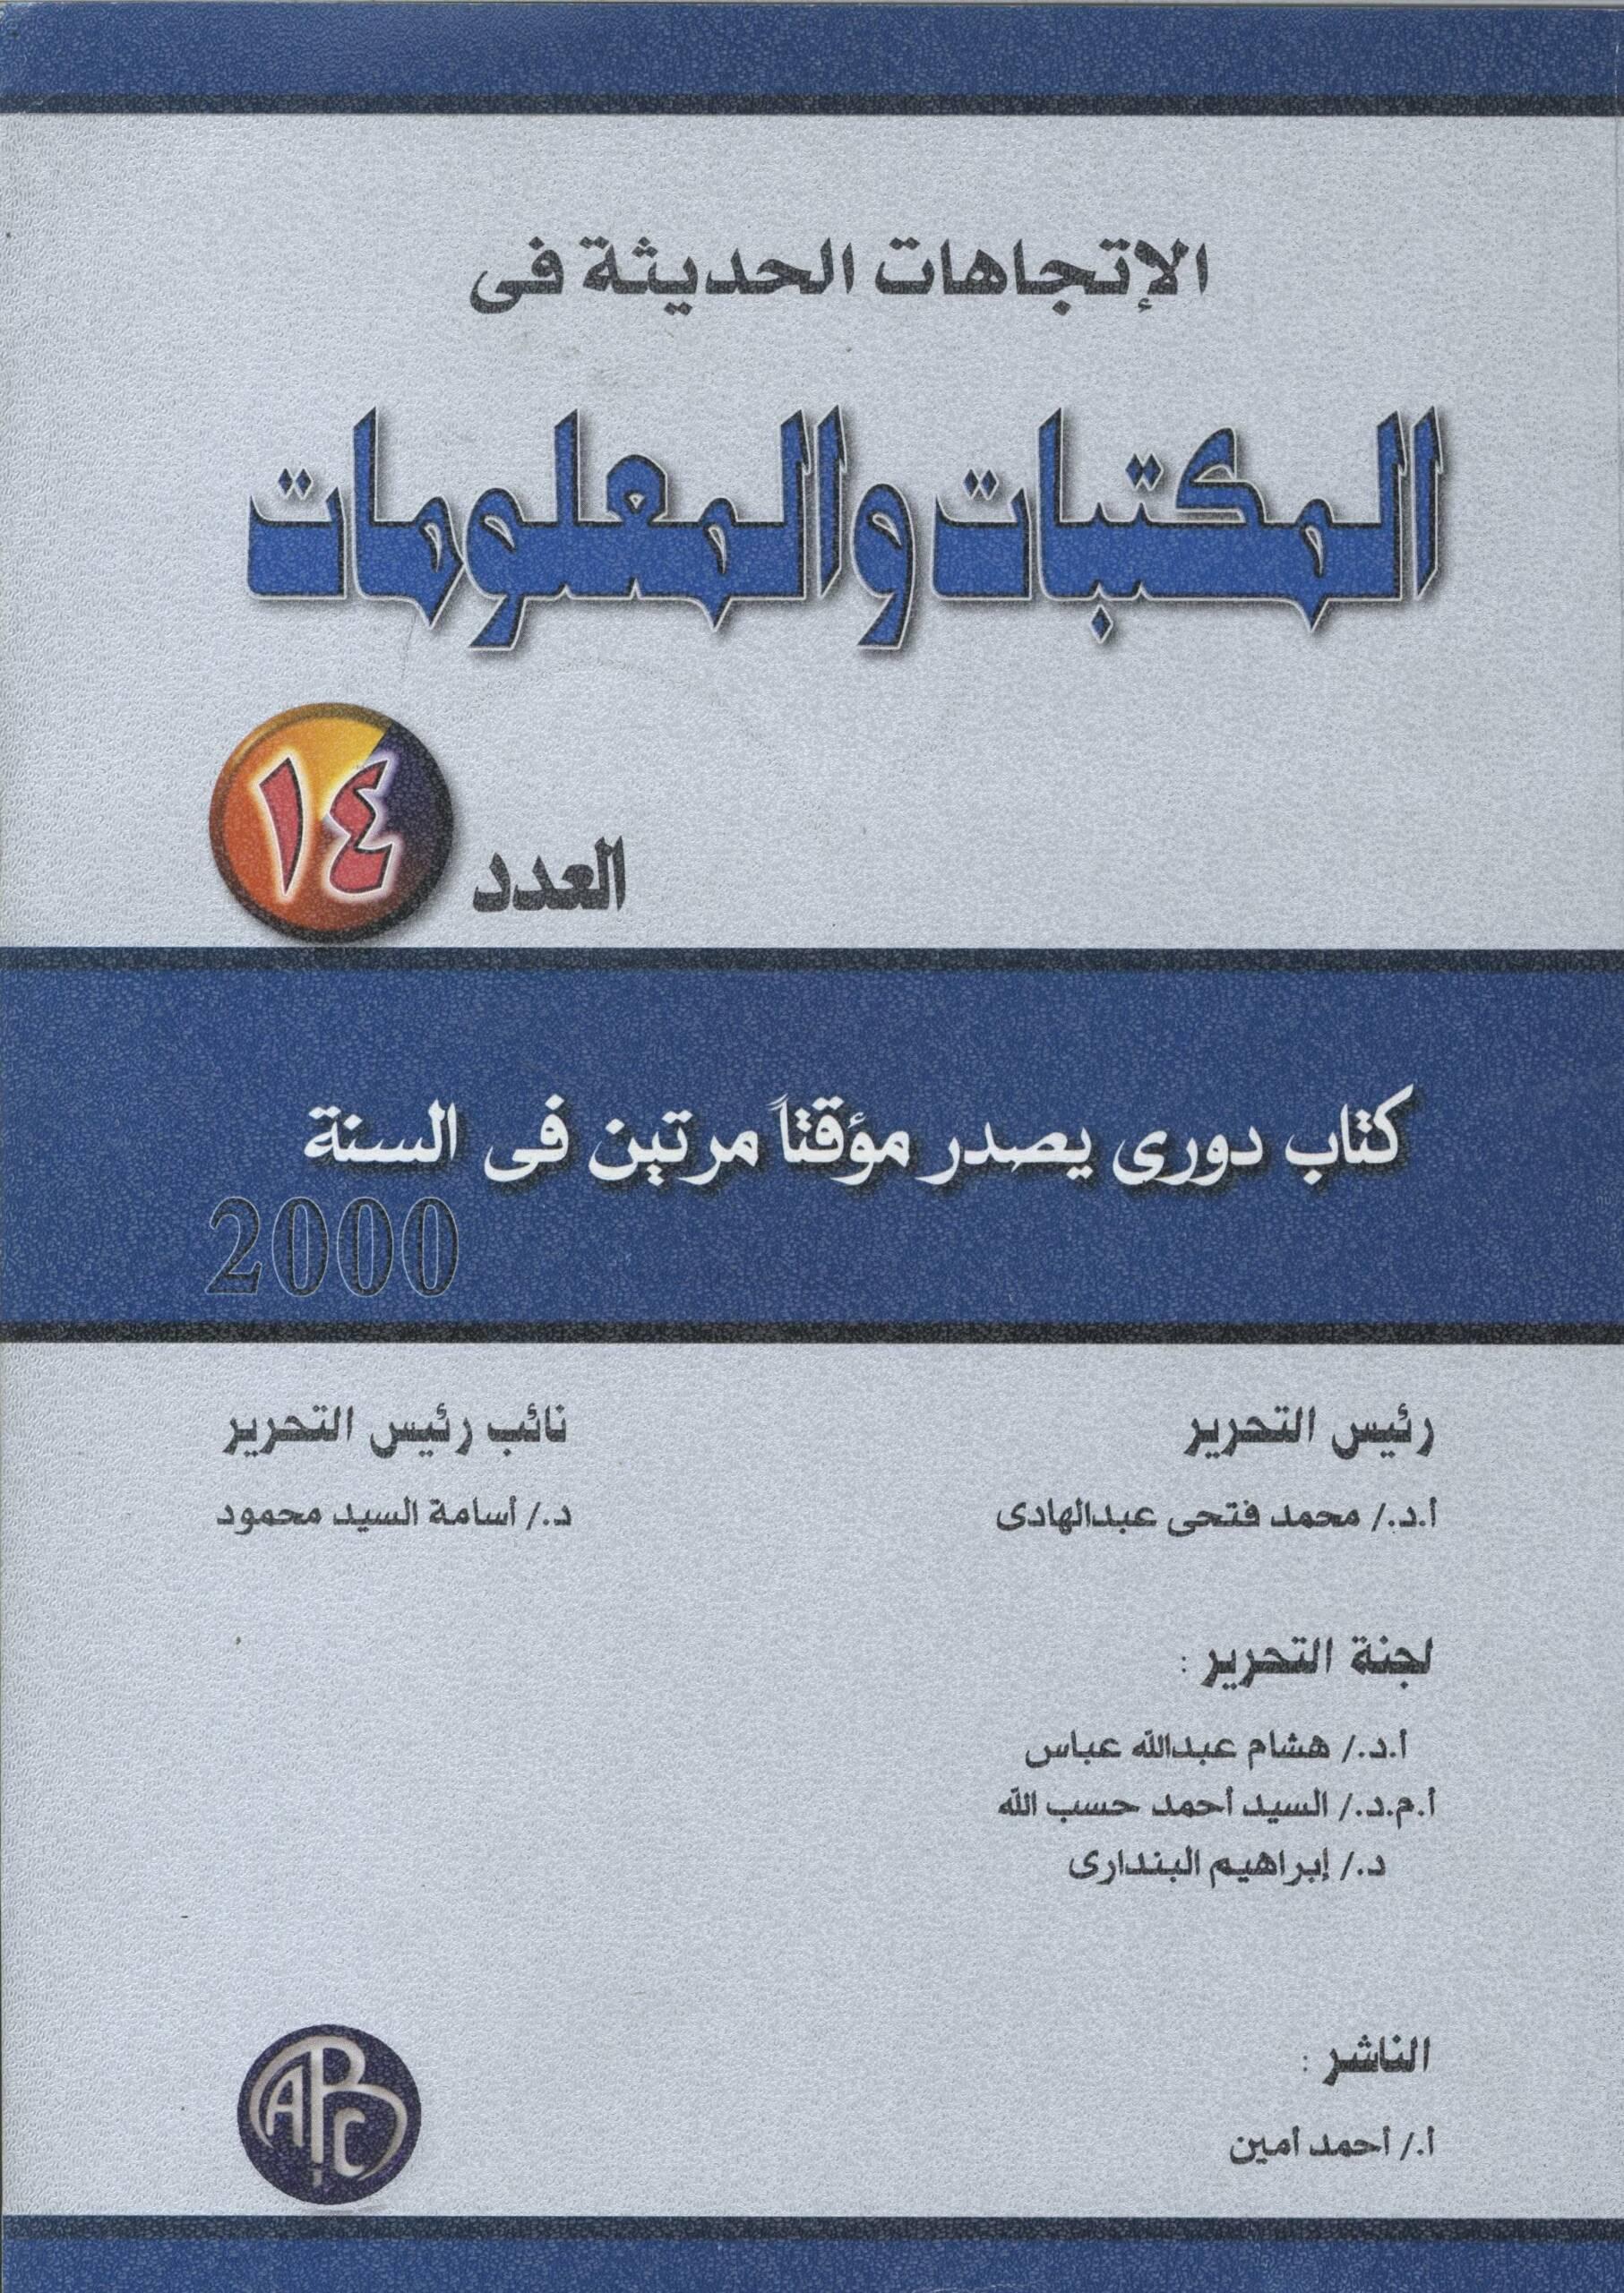 الاتجاهات الحديثة فى المكتبات و المعلومات- العدد الرابع عشر